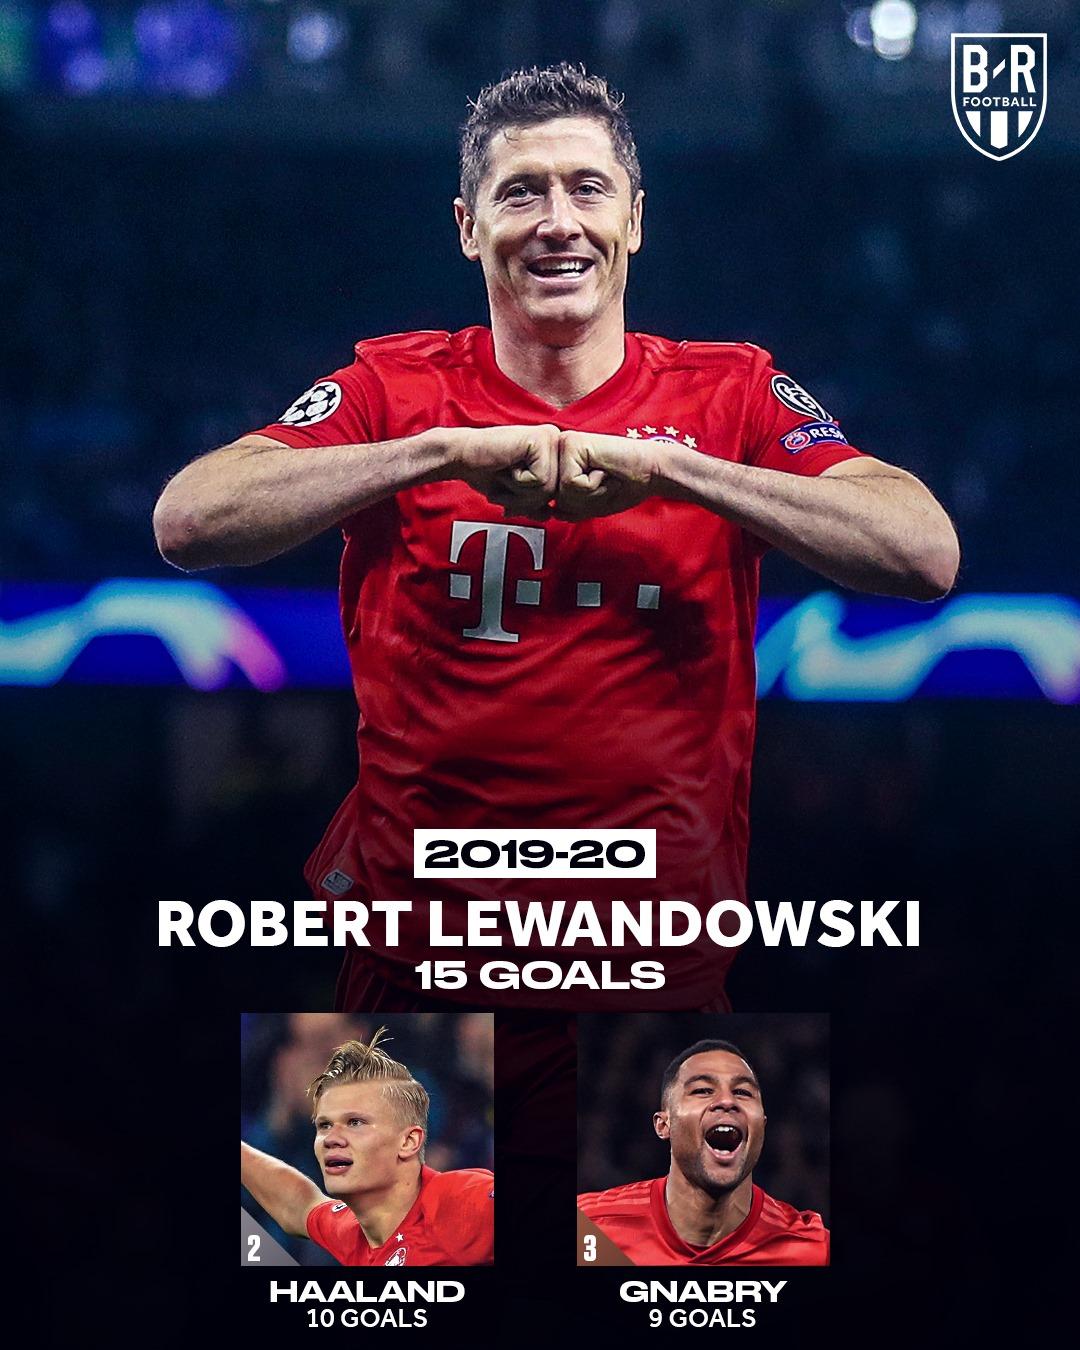 Vua phá lưới Champions League 10 năm qua thay đổi thế nào? - Bóng Đá